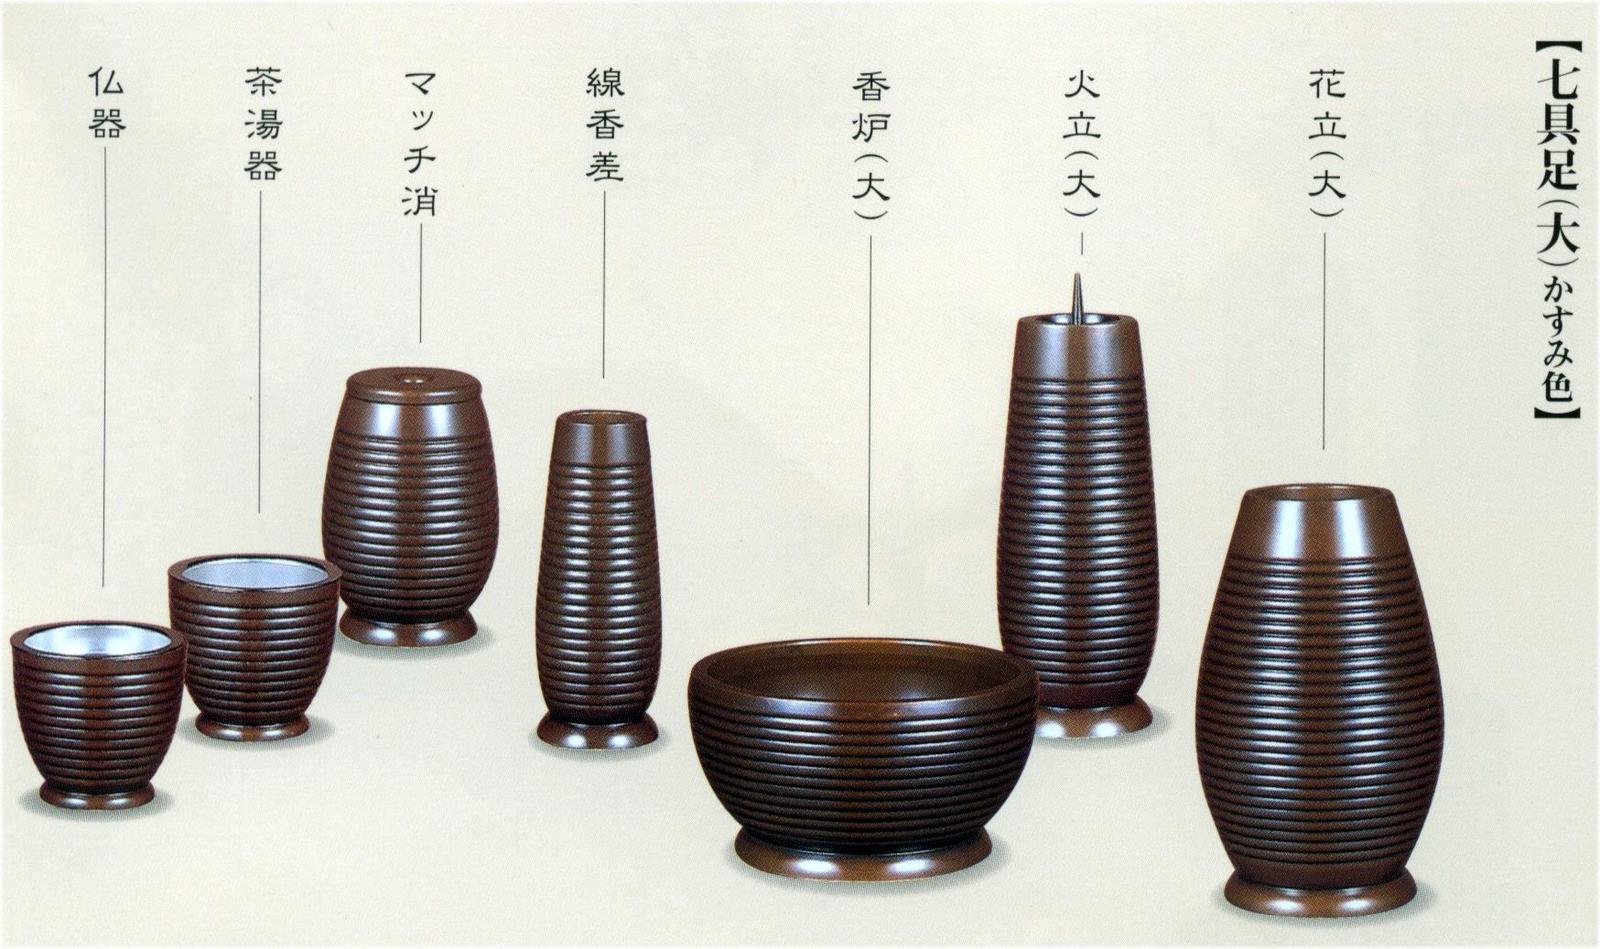 モダン仏具 7点セット 詩仙(大)かすみ色 【送料無料】